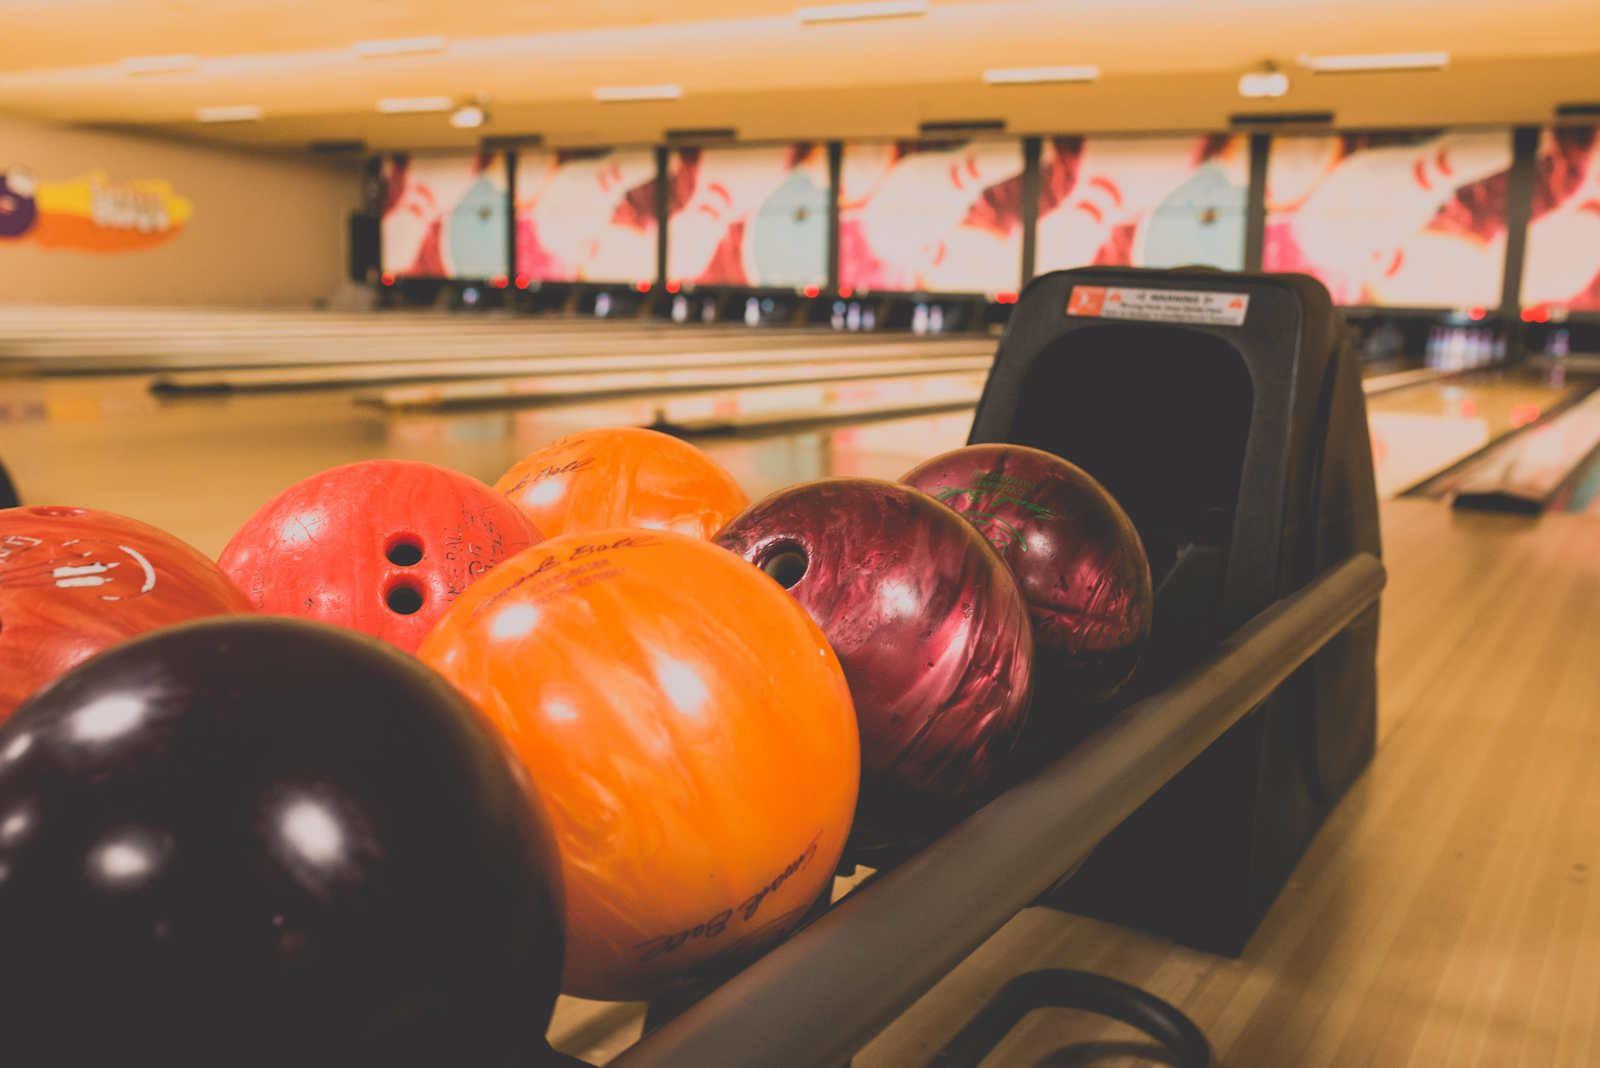 South Perth Bowling Club